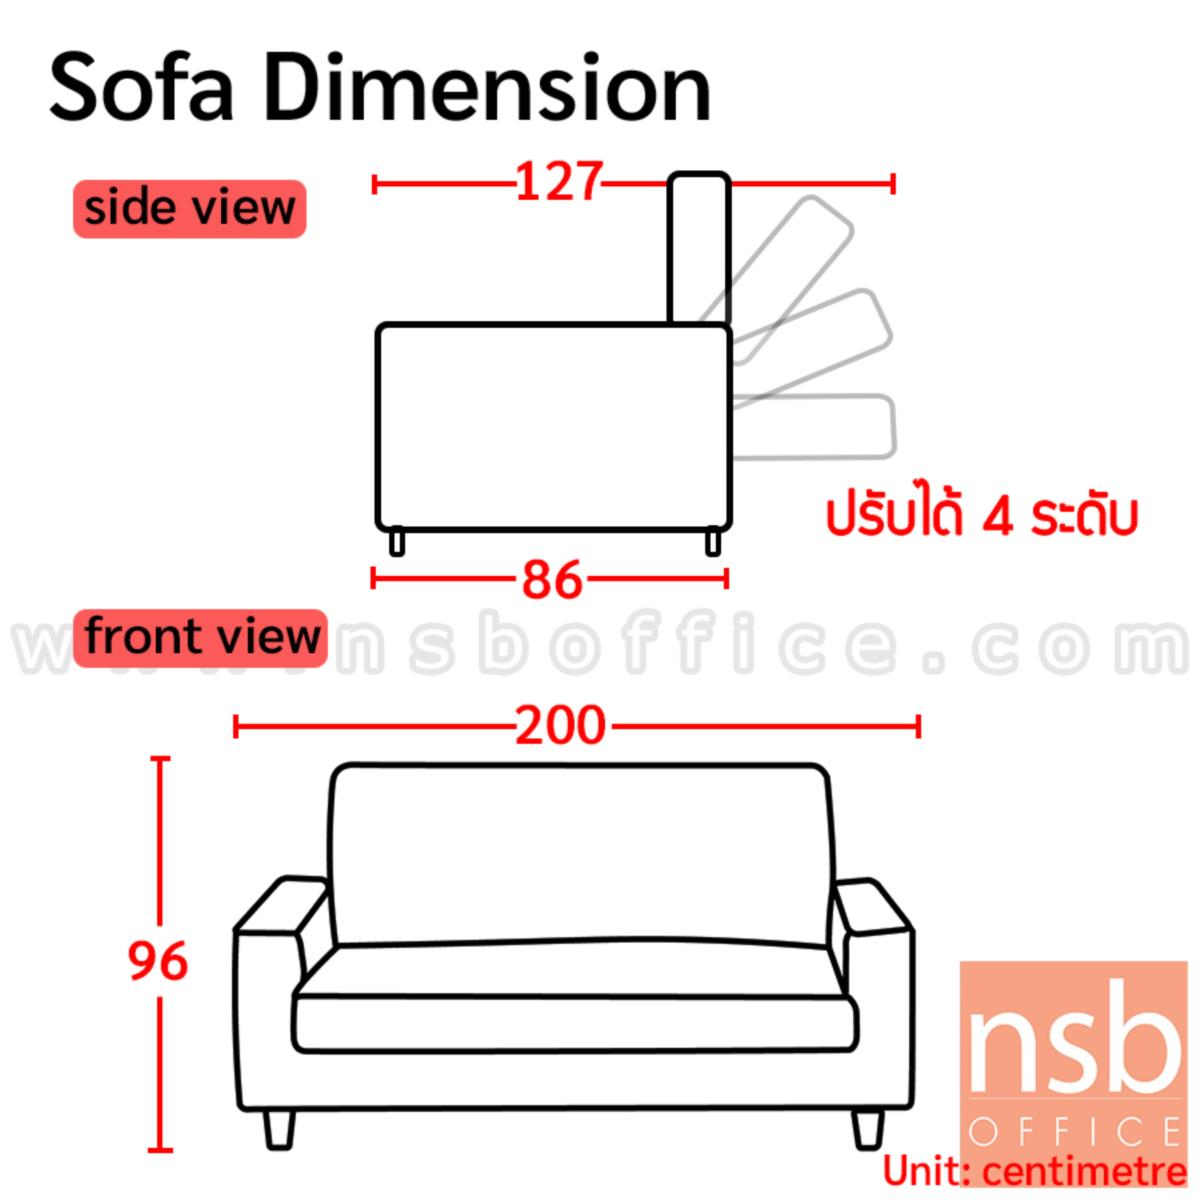 ชุดโซฟาหนังเทียม K08 PVC ปรับเป็นเตียงได้ ขาโครเมี่ยม